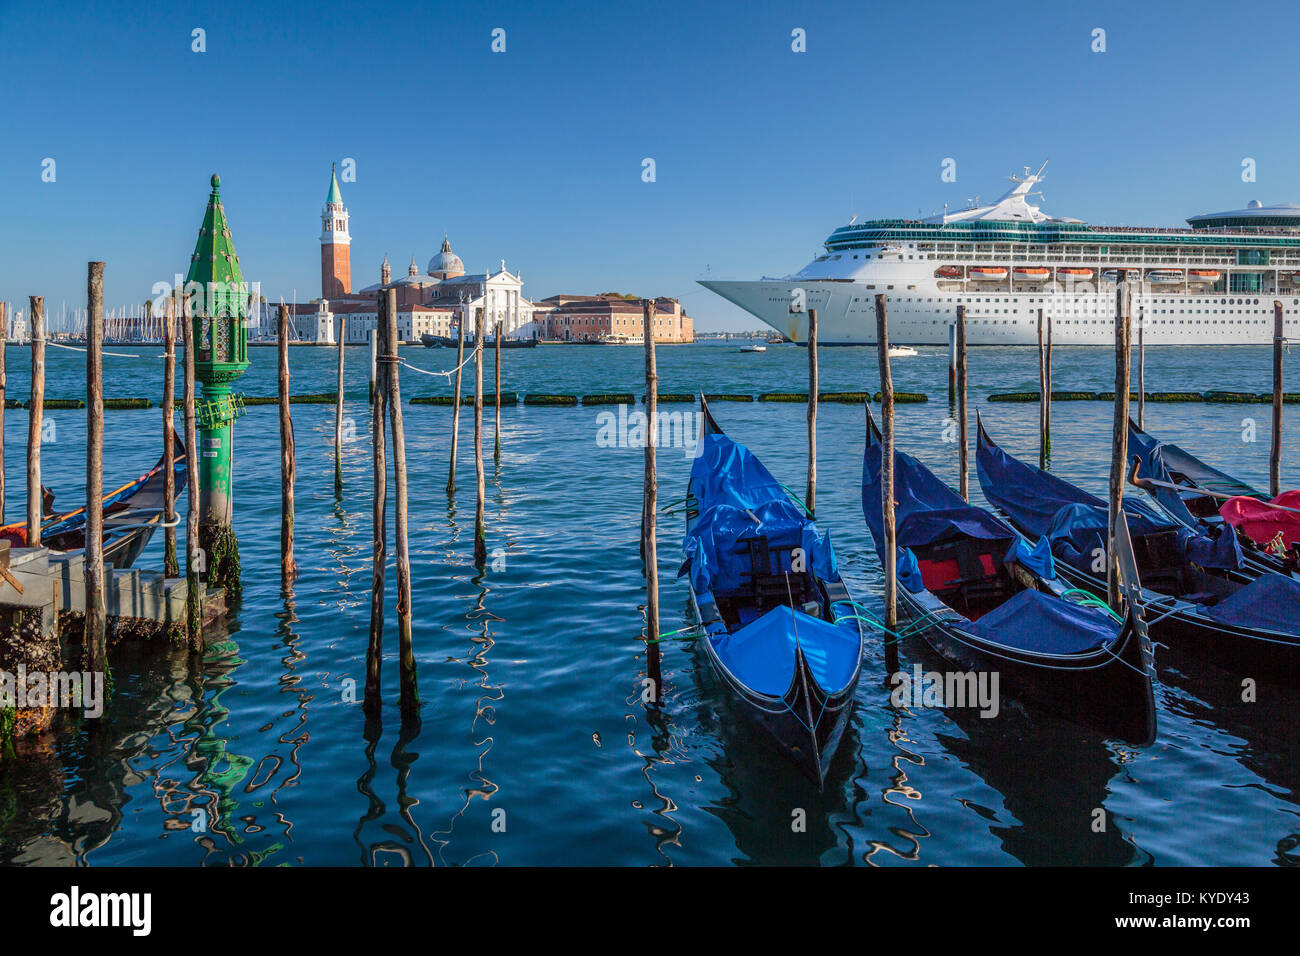 Le bateau de croisière Royal Caribbean Rhapsody of the Seas et gondoles en Vénétie, Venise, Italie, Photo Stock